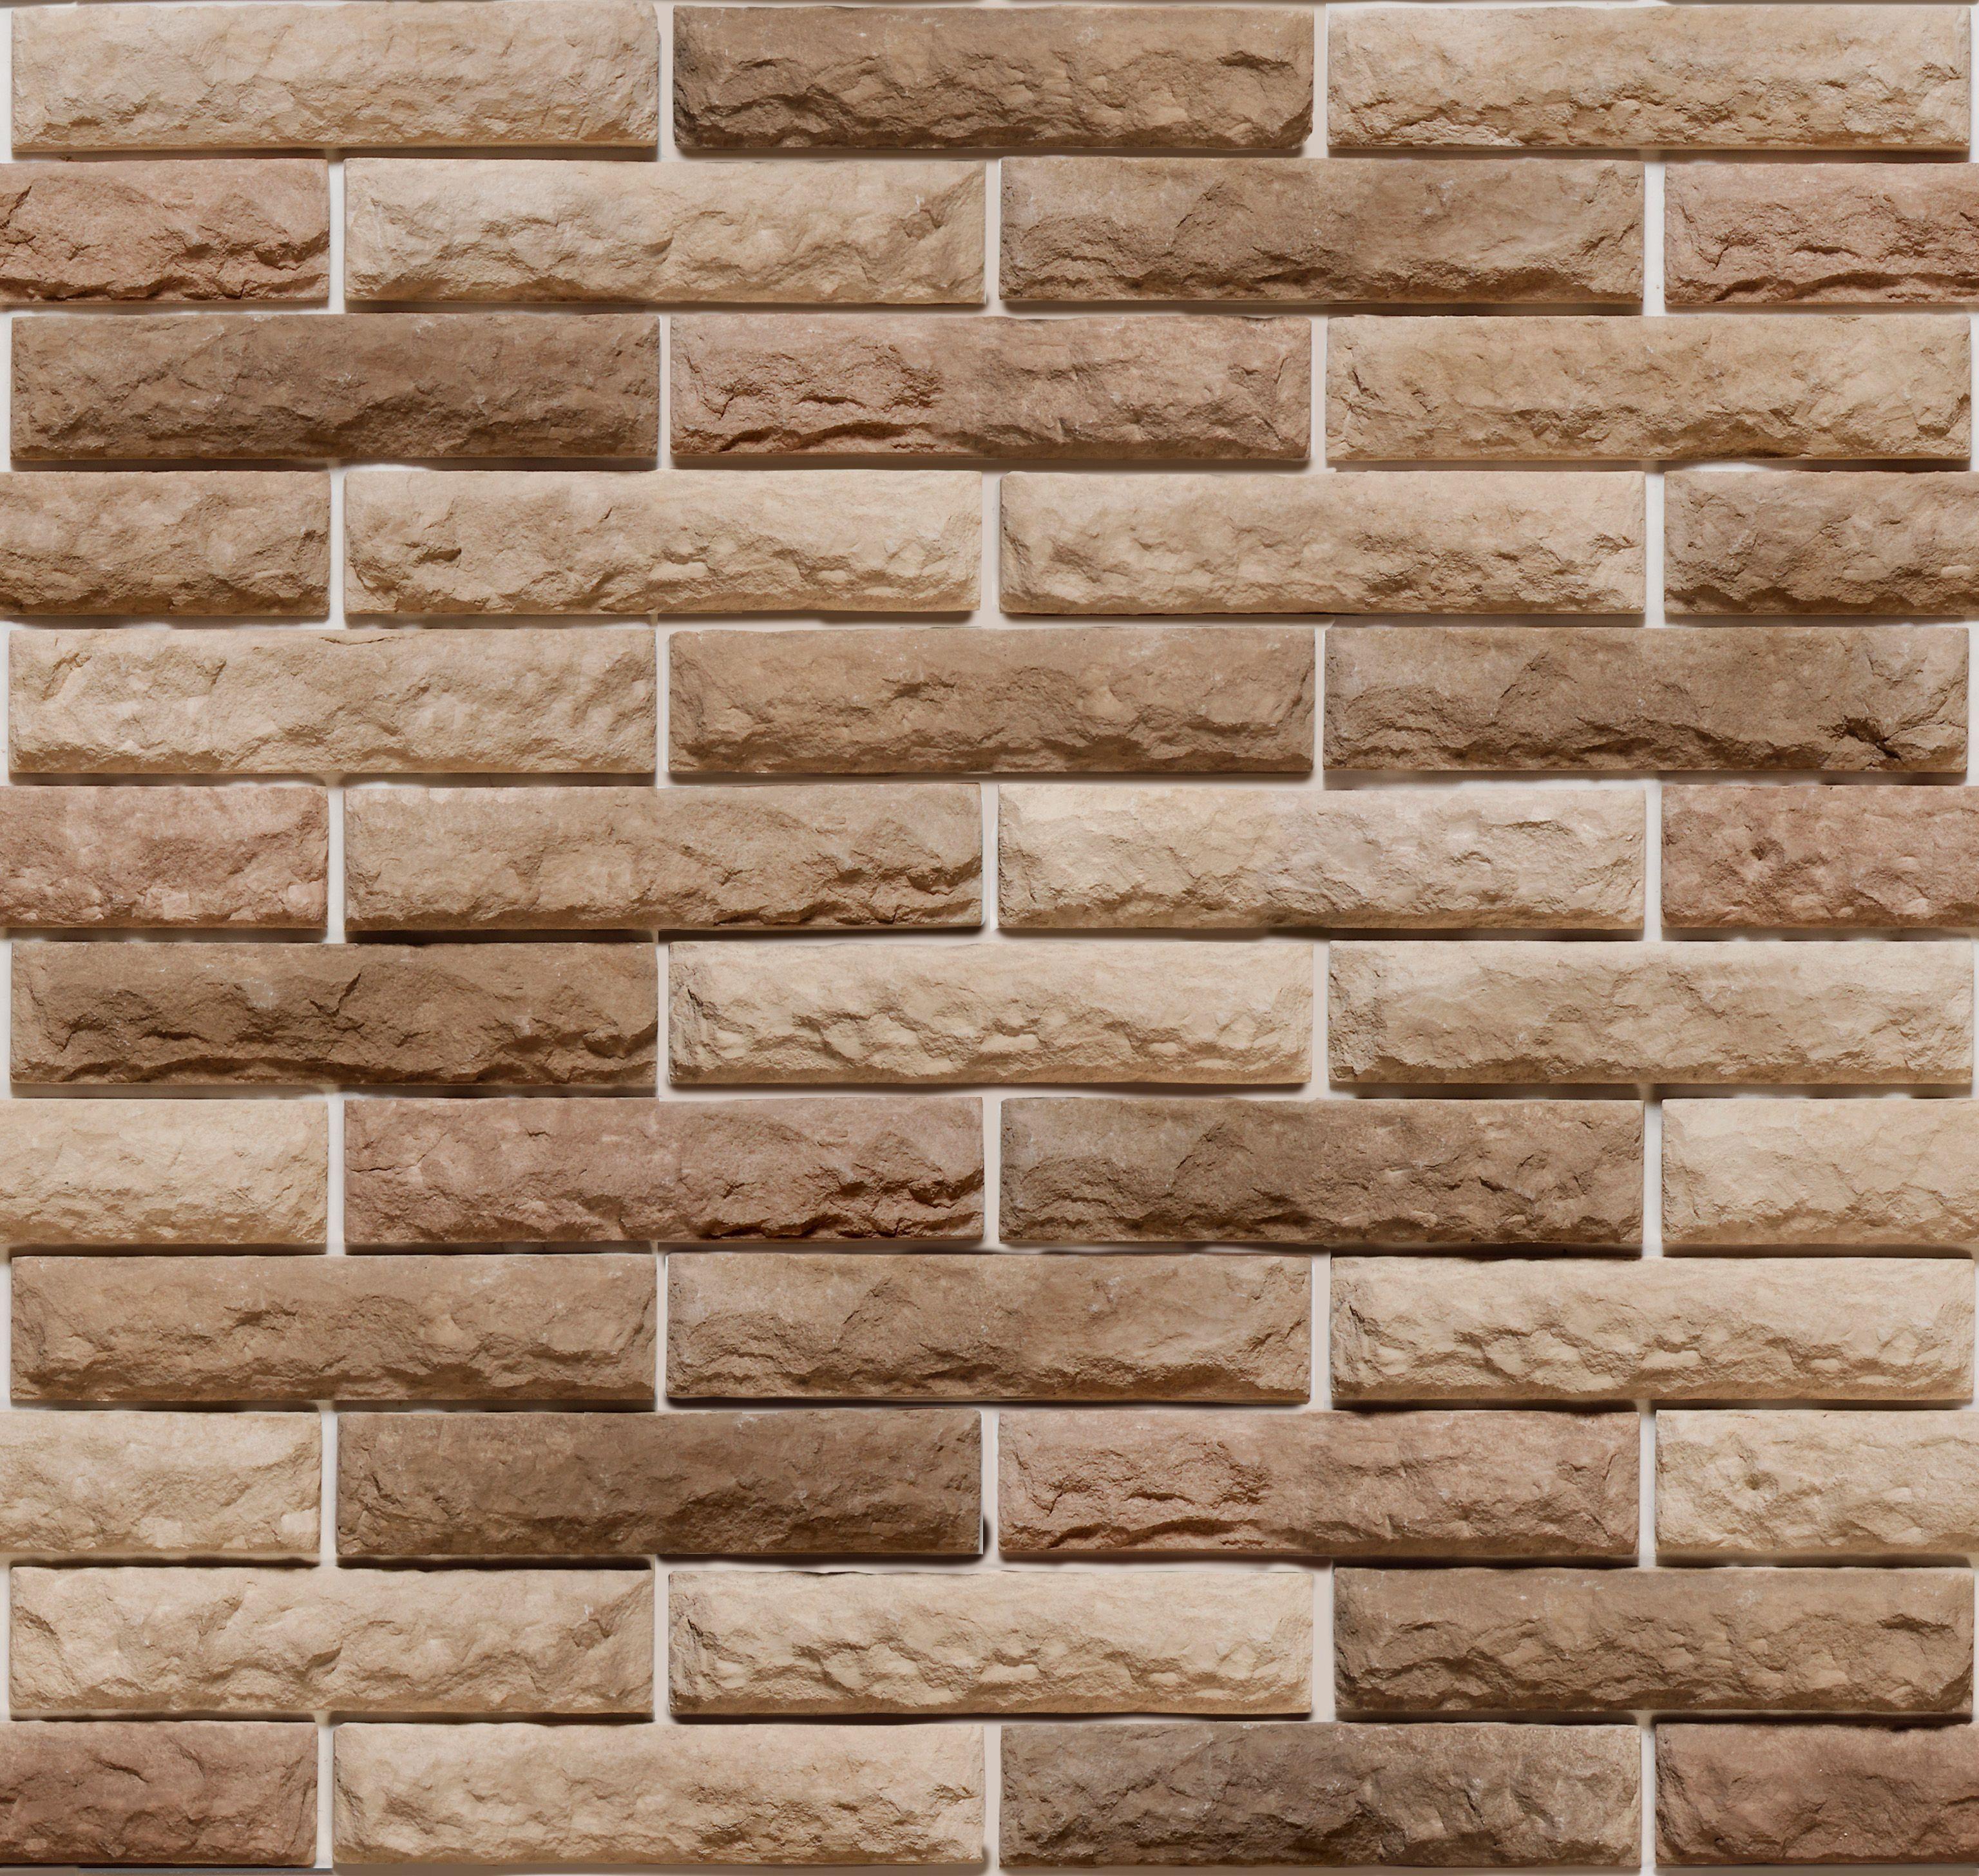 brick wall Texture, download photo, image, bricks, brick